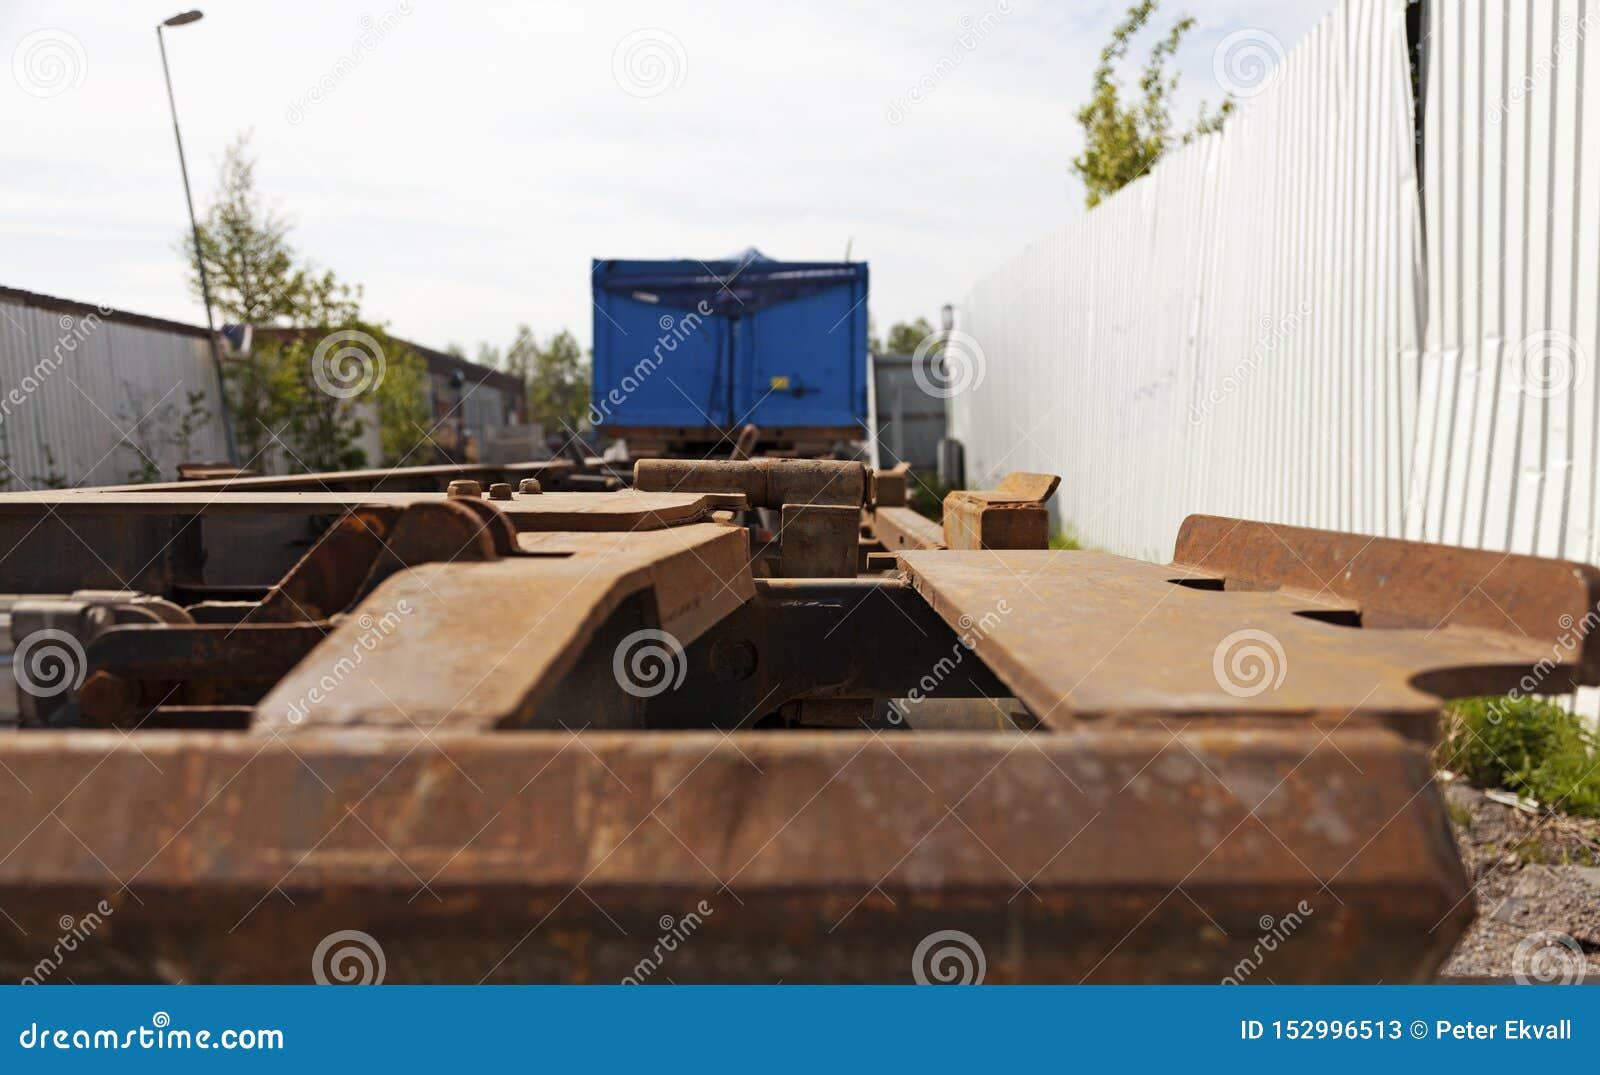 Van de rug van een lange vrachtwagen zonder een lading